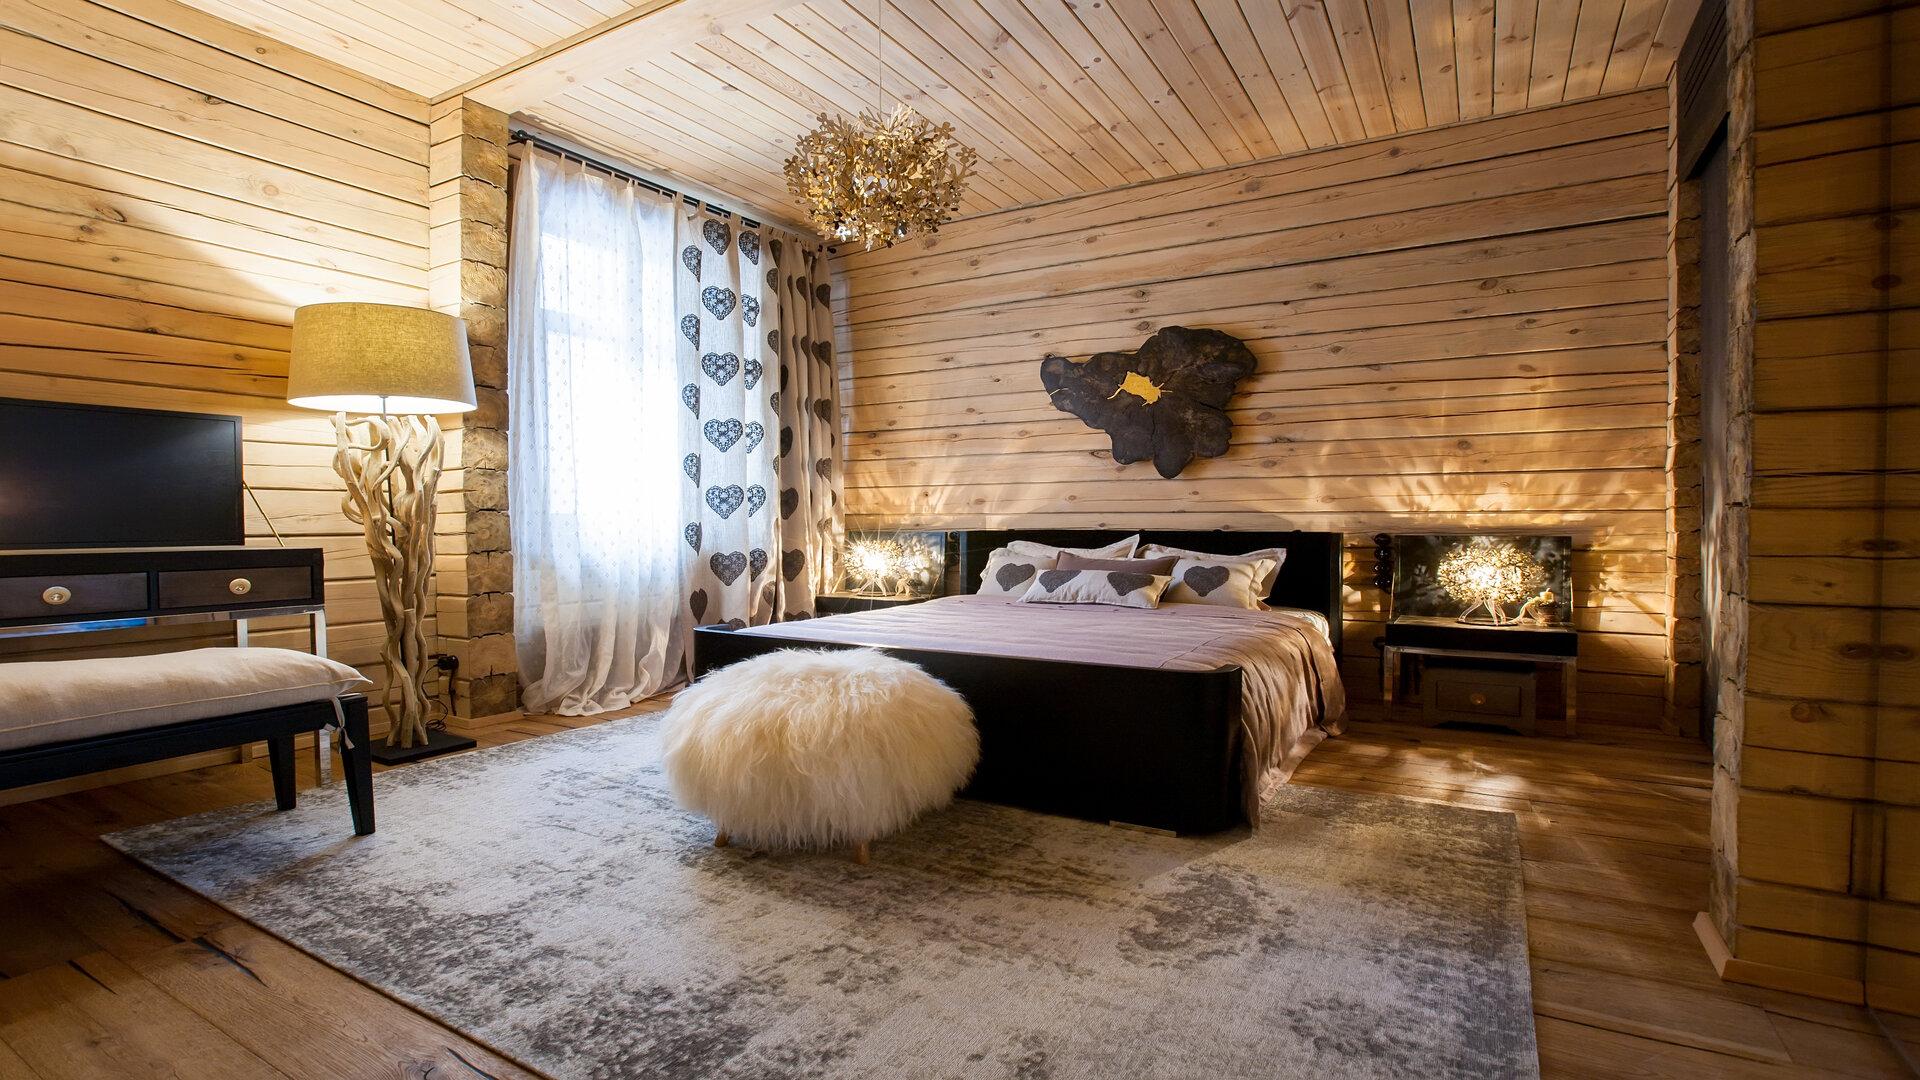 Décoration en bois, optimisez vos gains énergétiques d'intérieur